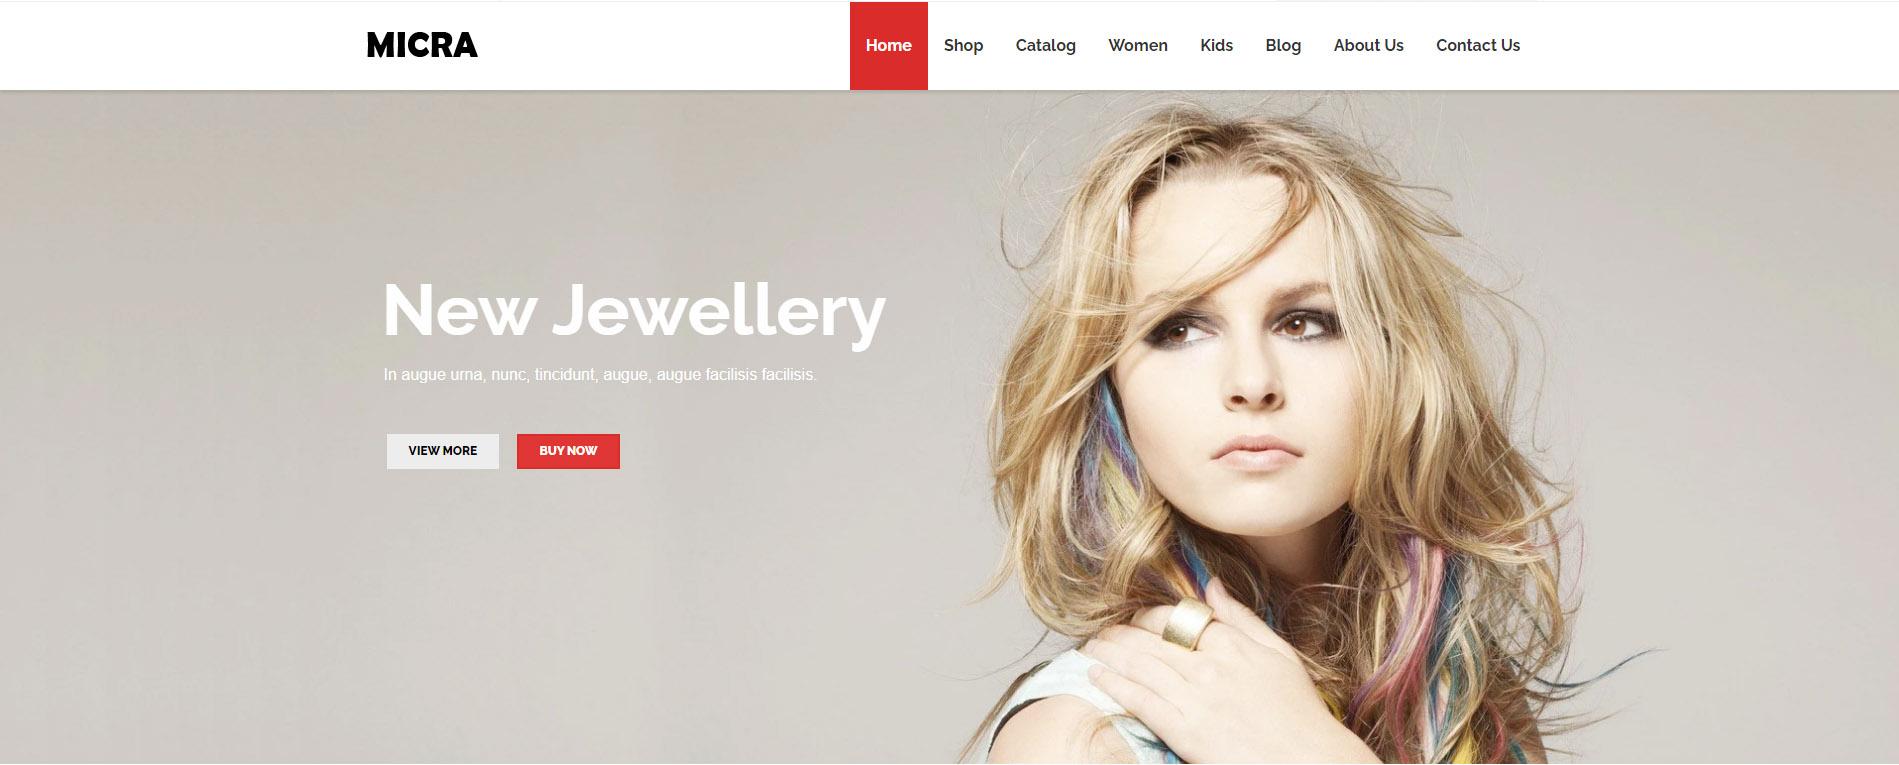 Shopify Micra Theme